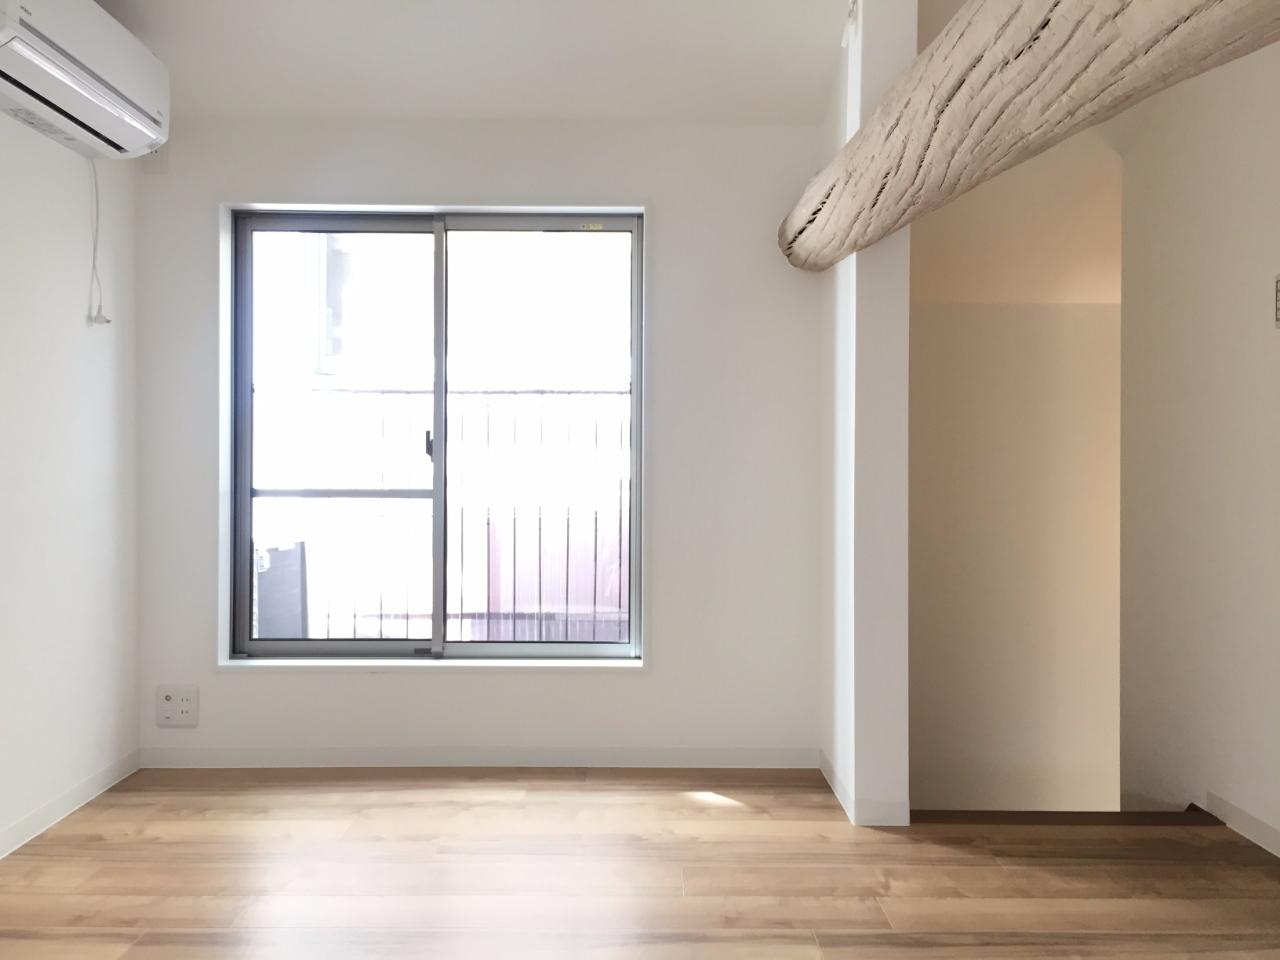 3階建ての戸建て賃貸。1階はバイクガレージと水回り、2階はキッチン&ダイニングスペース、そして3階は寝室となるスペース。階段で行き来するので慣れるまでに時間は少しかかりますが、それでも普通のワンフロア賃貸と比べて住む面白さがありそうです。